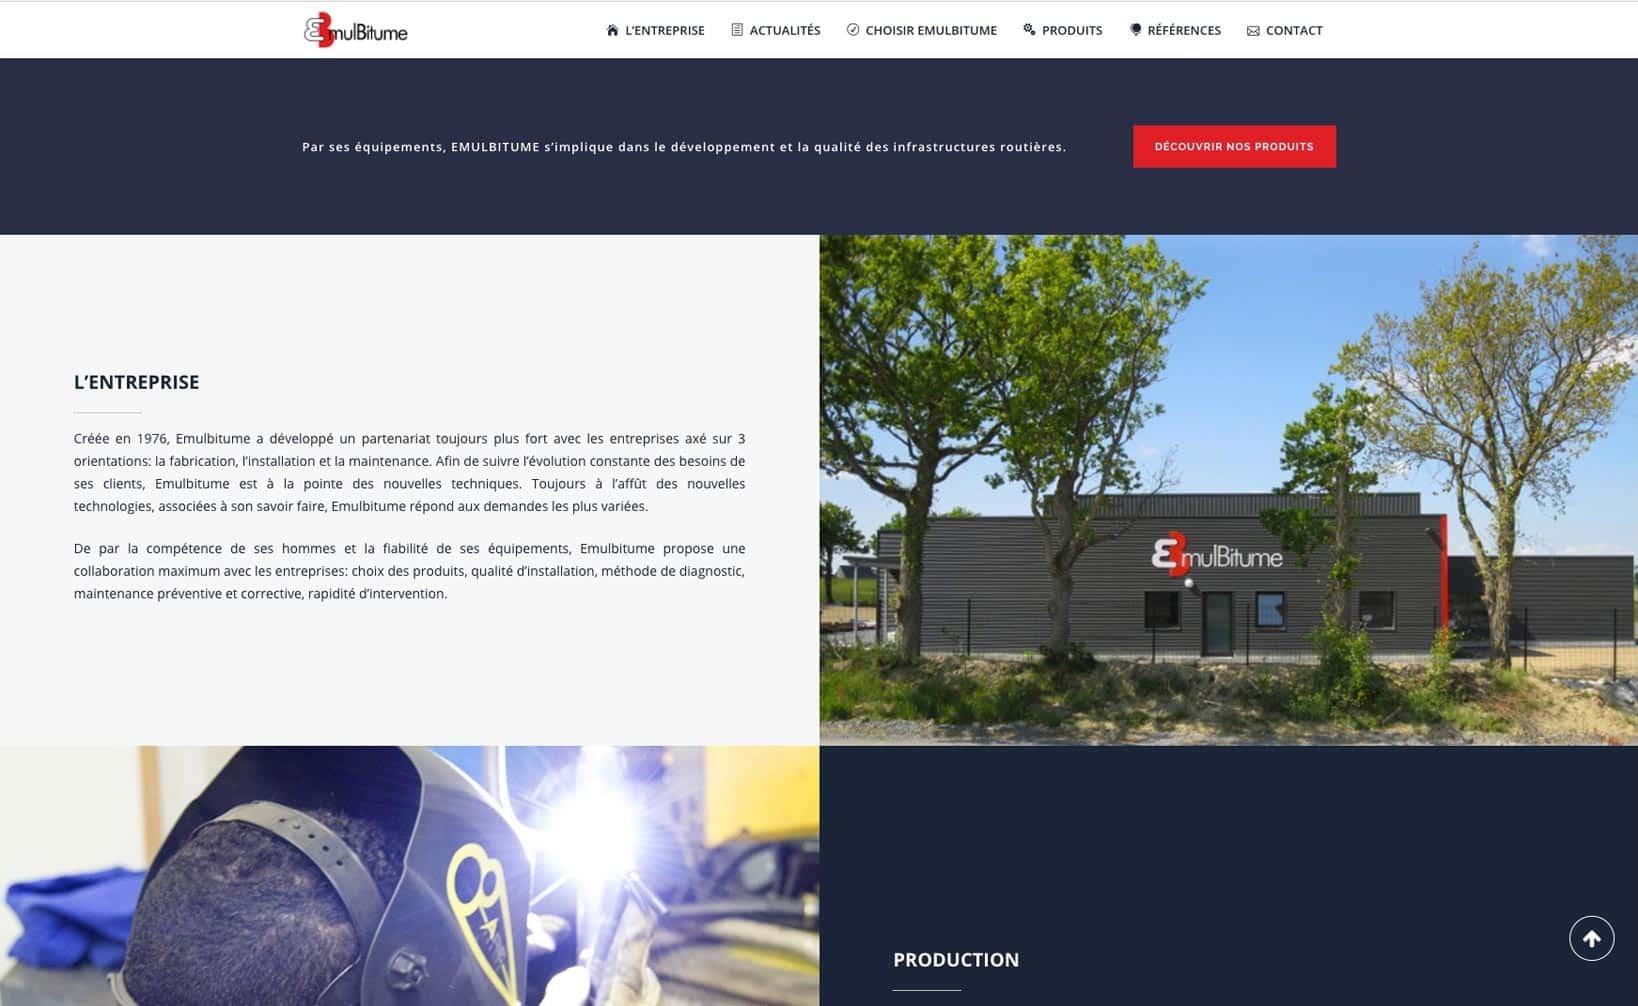 Site web Emulbitume - vue desktop 2